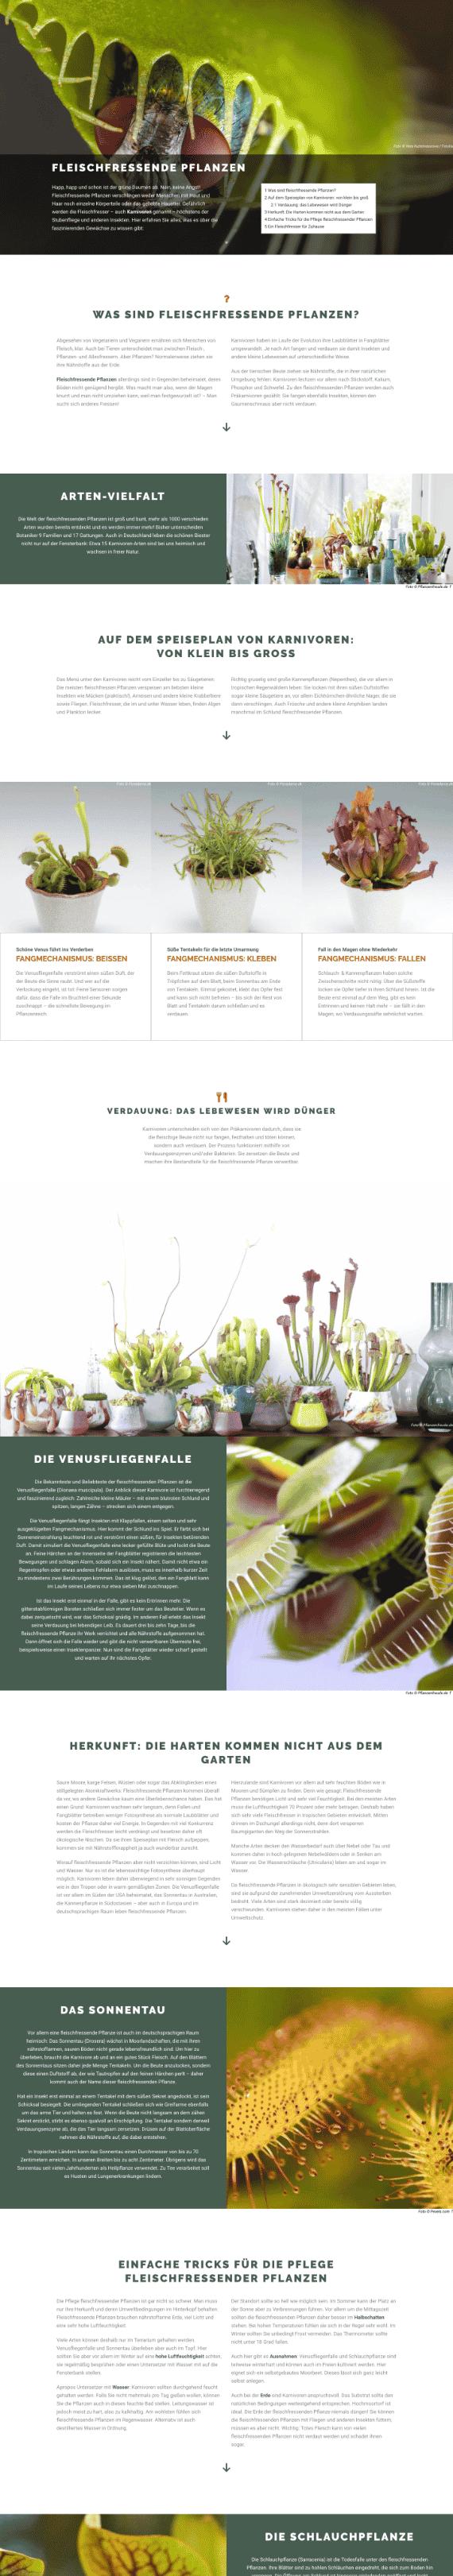 WordPress-Webdesign Referenz: Webseite von Fleischfressende Pflanzen